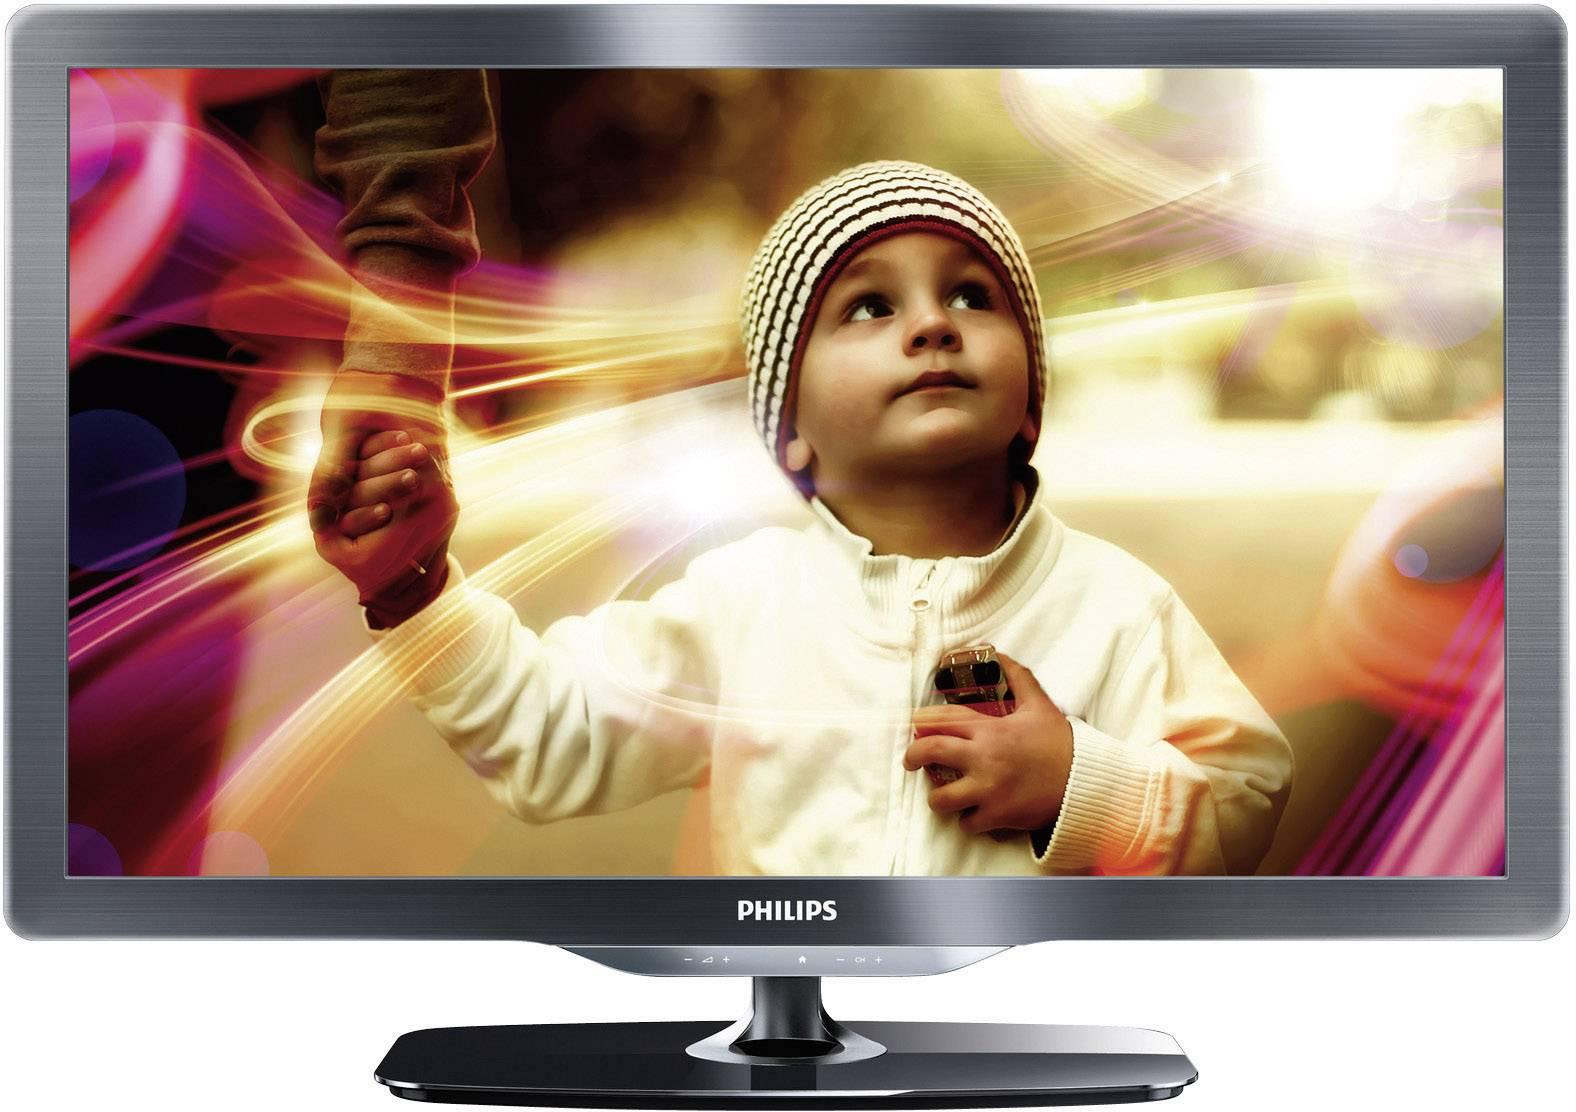 philips 37pfl6606k led tv 94 cm 37 inch 1920 x 1080 full hd 2 ms dvb t dvb s with hdtv dvb c with hdtv aluminium